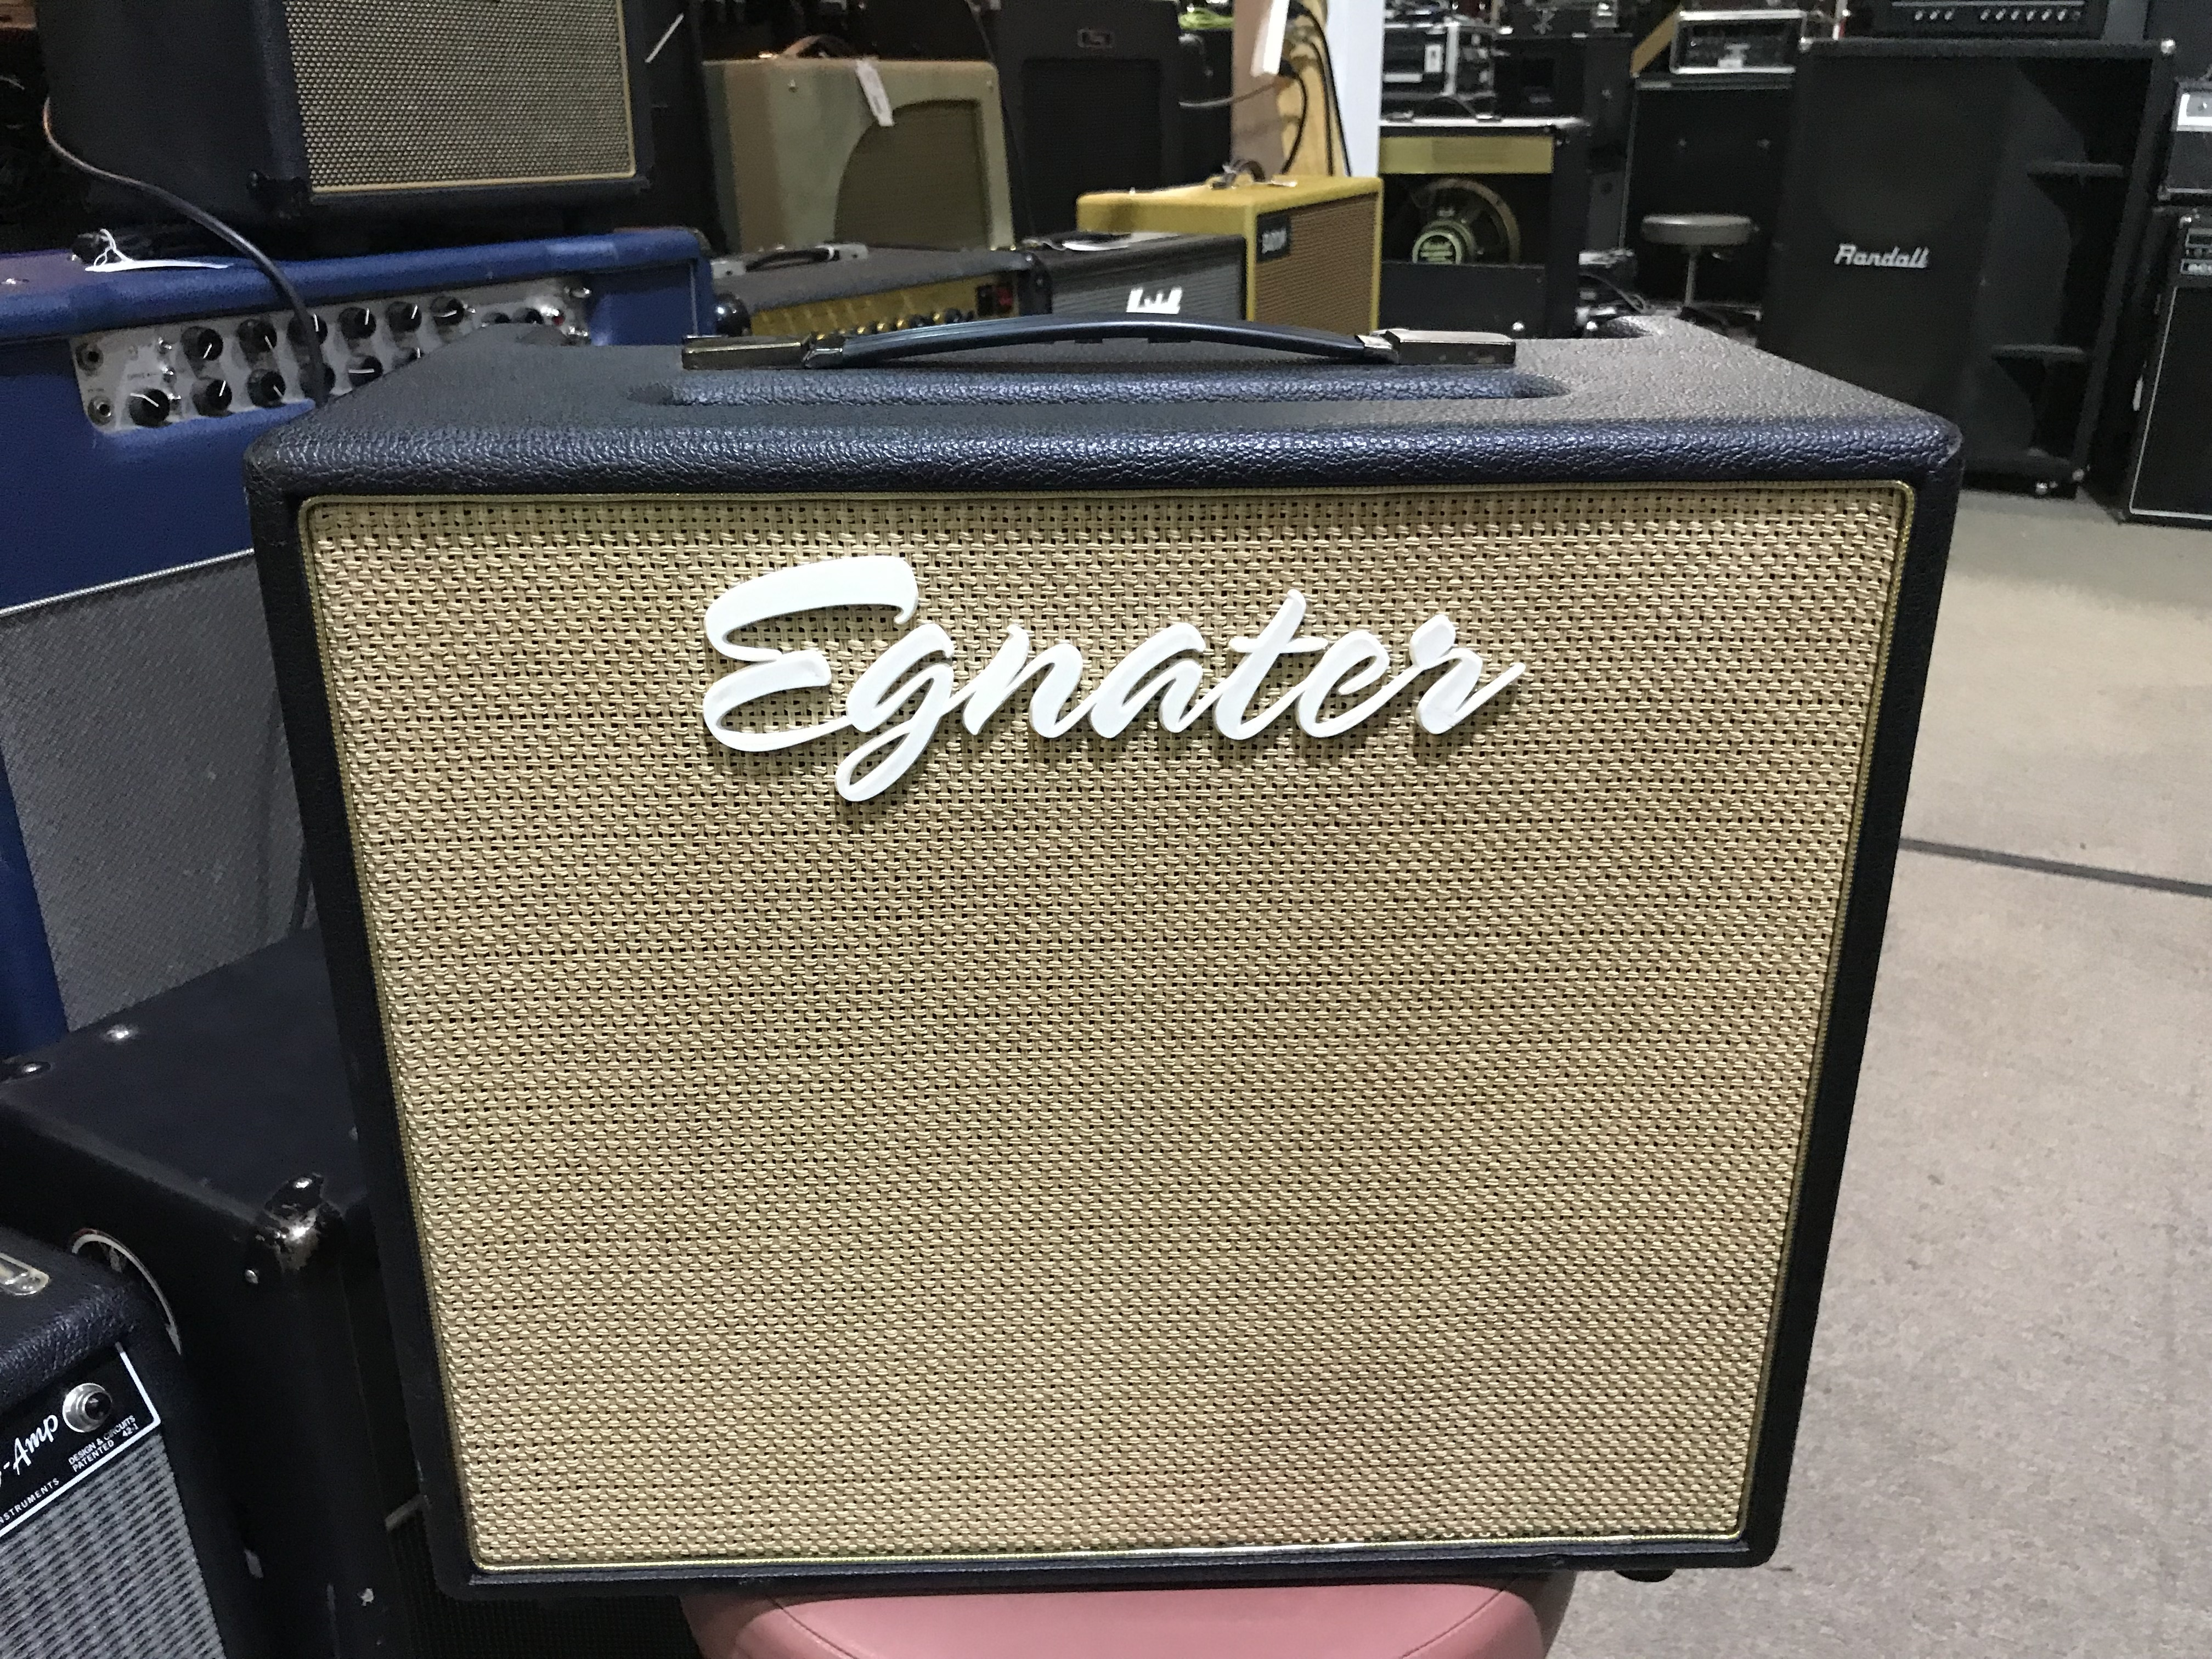 EGNATER TWEAKER 40 112 40W 1X12 Tube Combo Amp